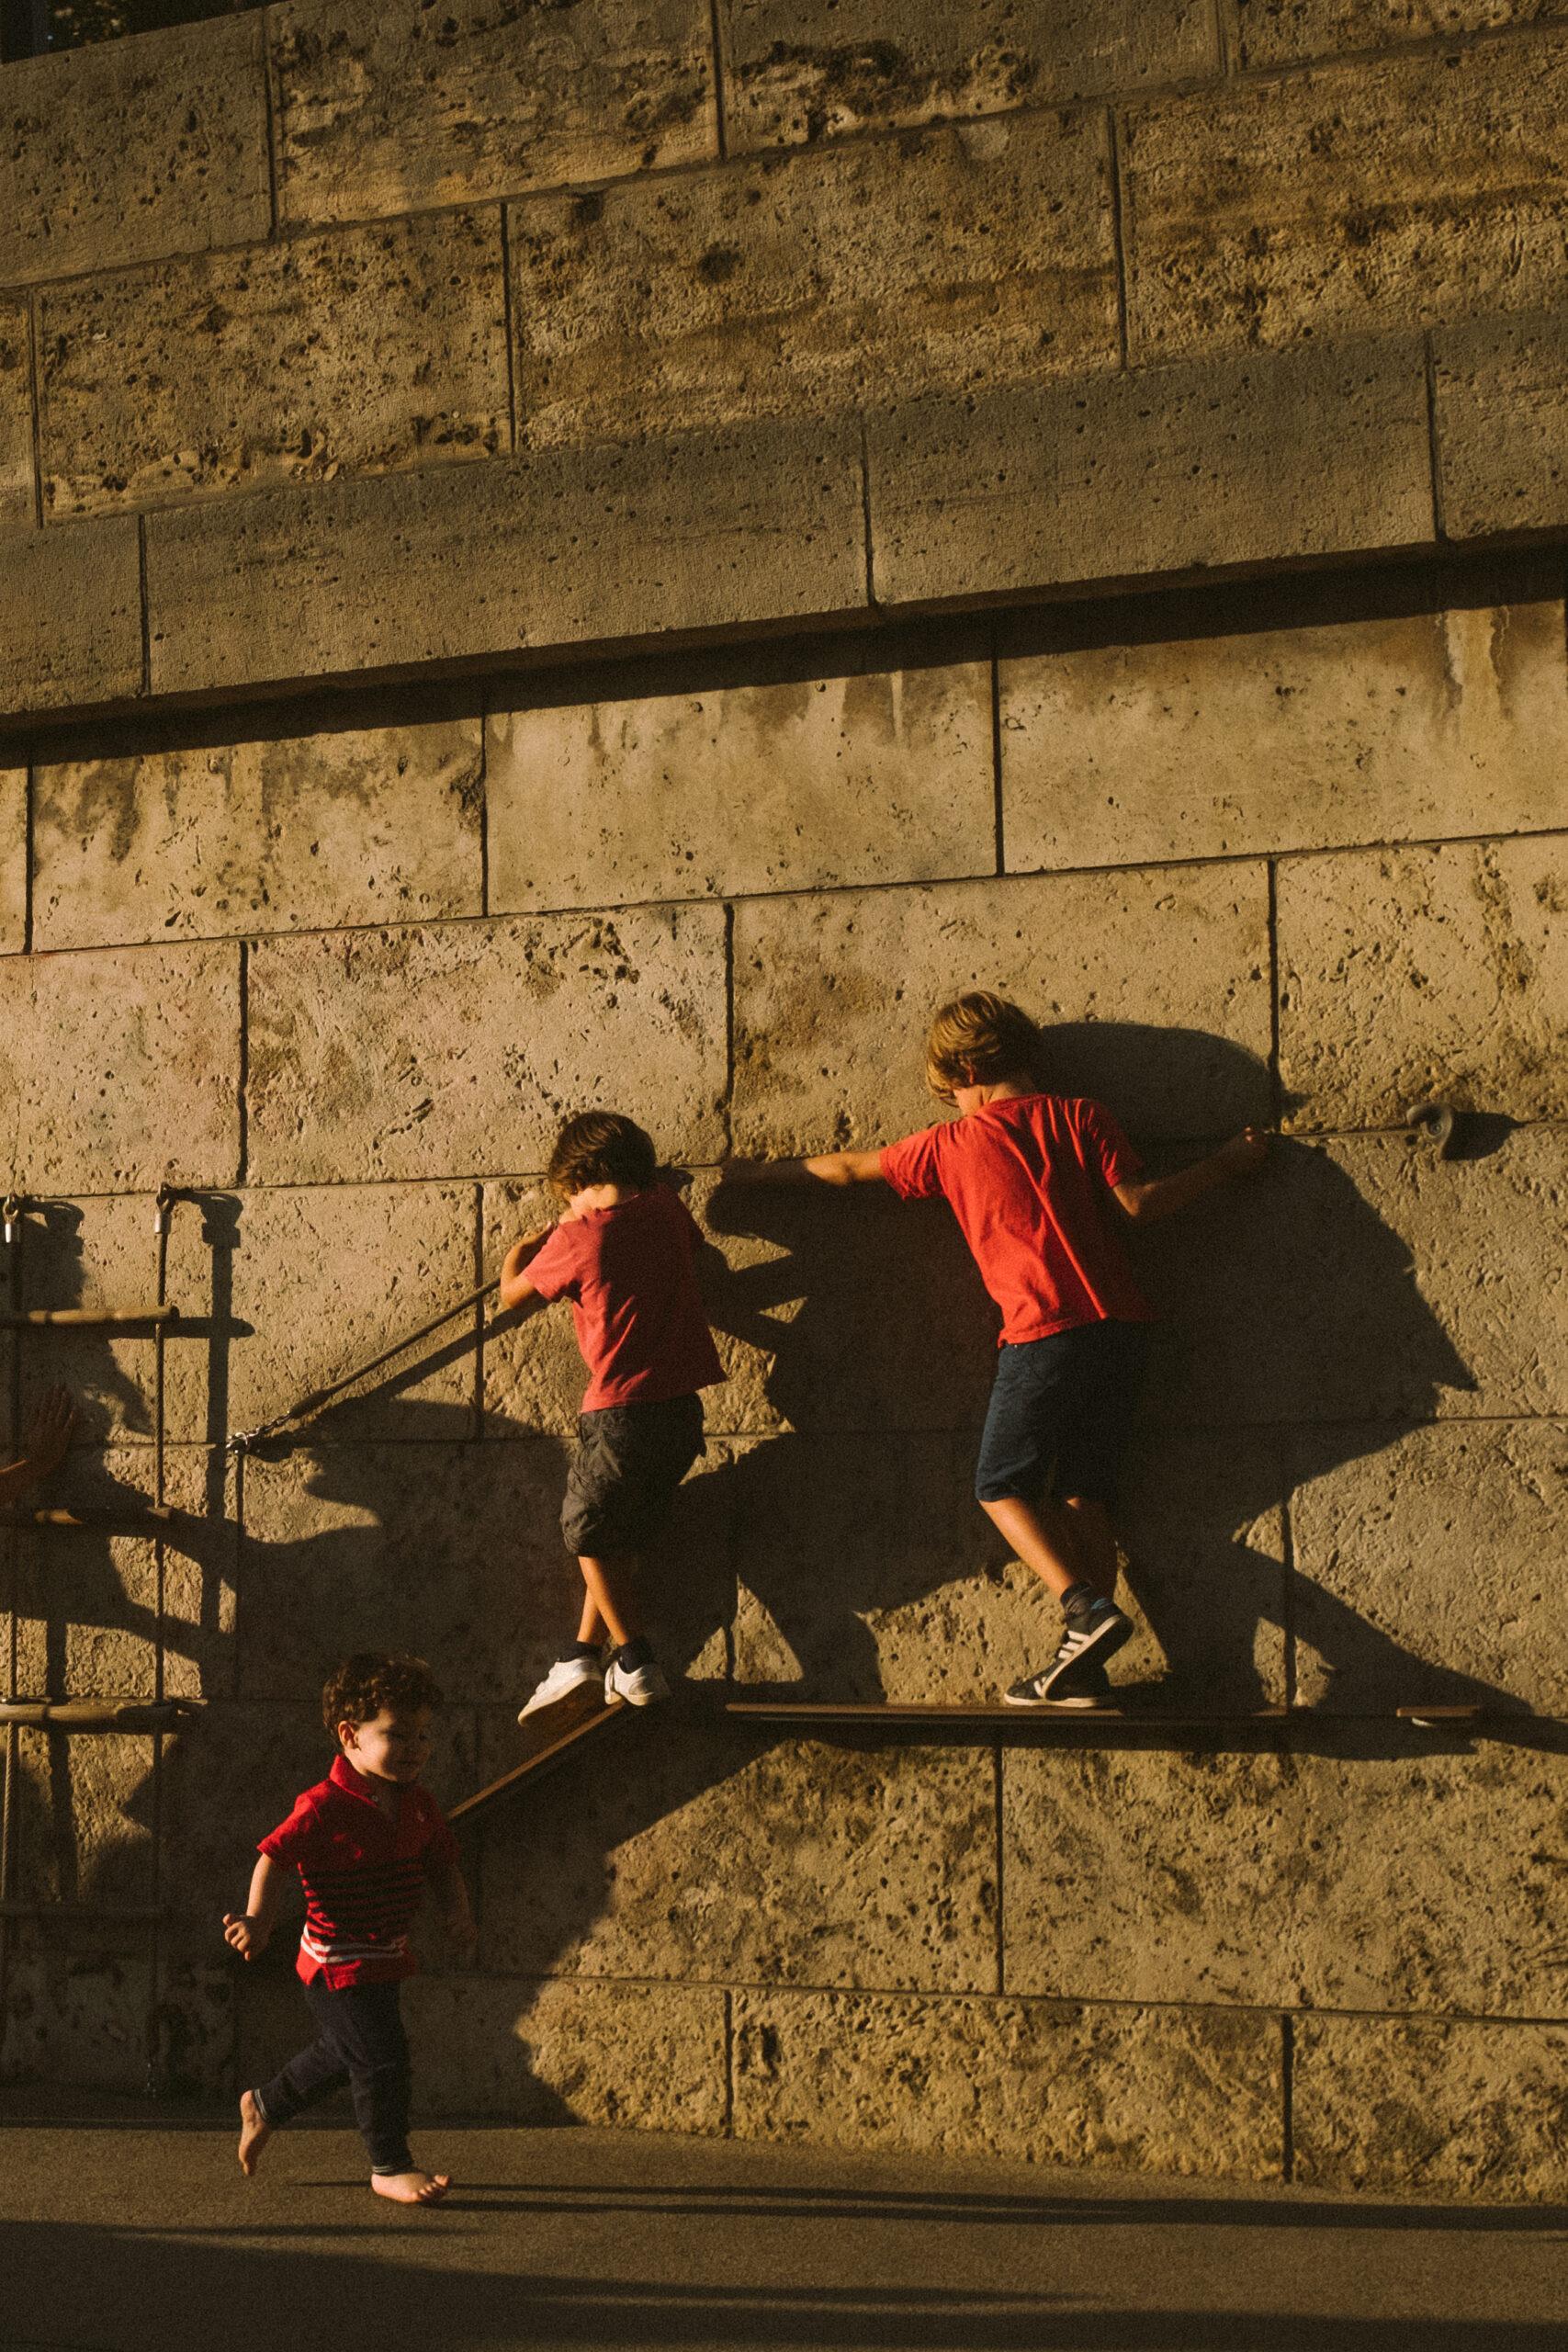 enfants_enfance_paris